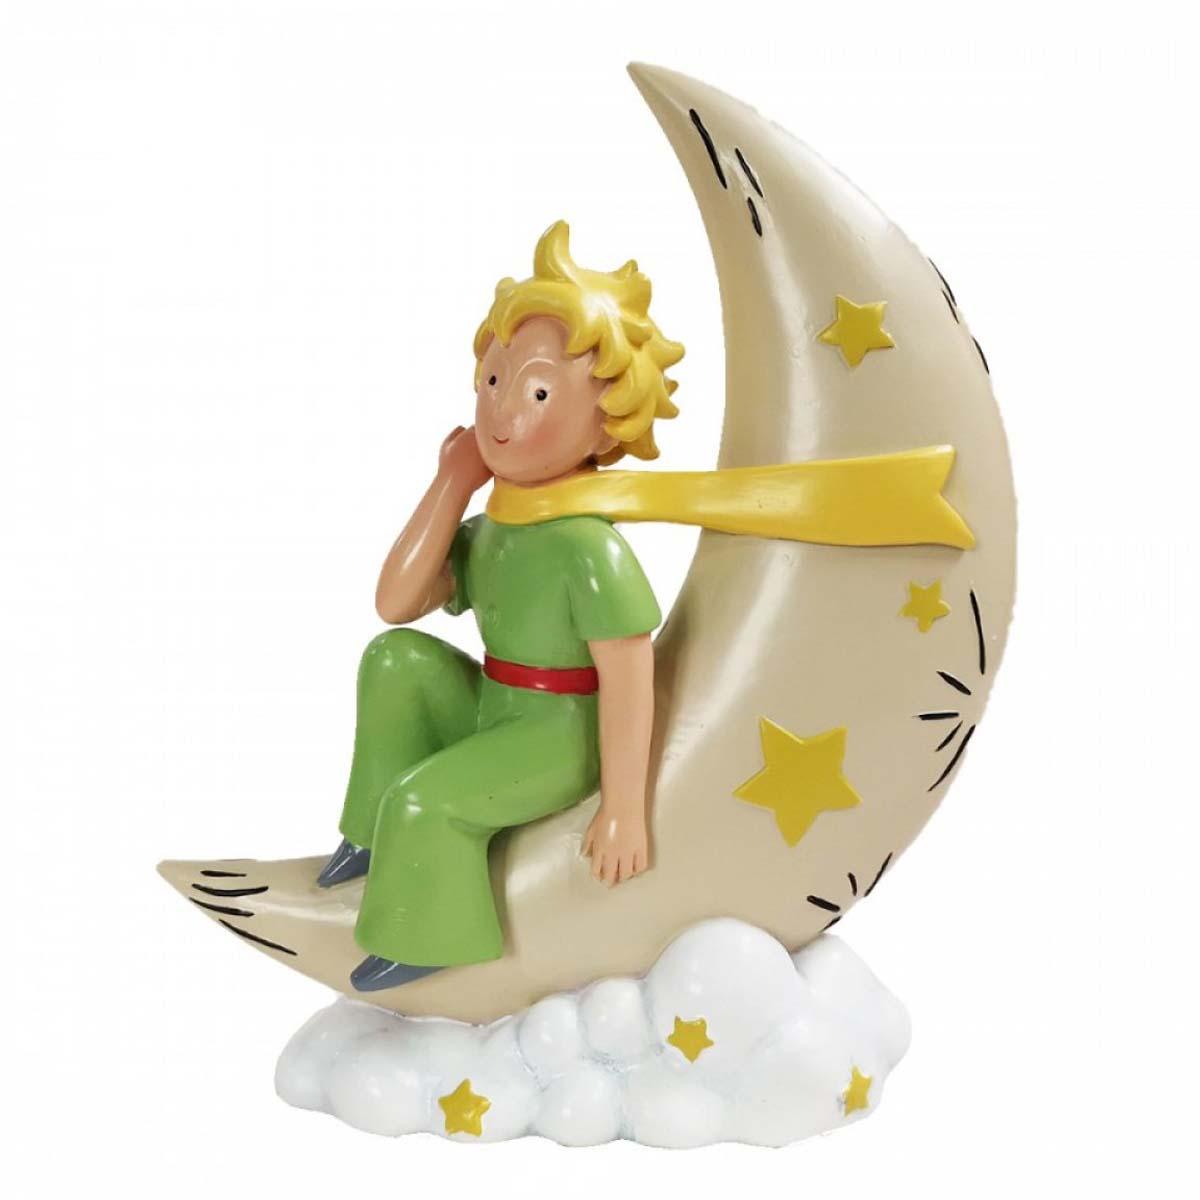 Figurine créateur \'Le Petit Prince\' vert beige (lune) - 16x13 cm - [A0869]